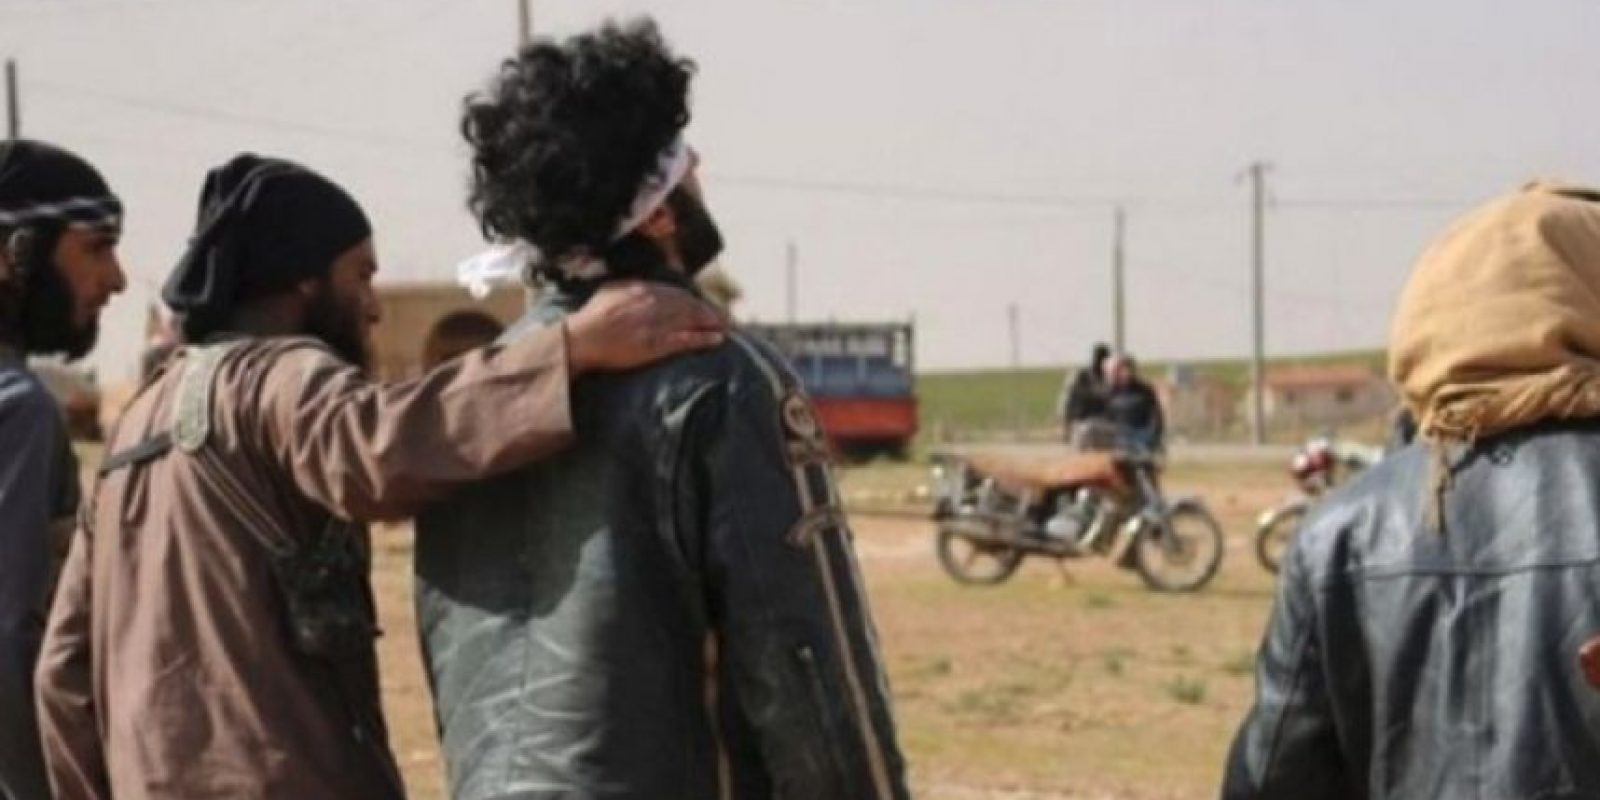 """""""El abrazo de la muerte"""": Lo dan los militantes de ISIS antes de asesinar a la persona Foto:Twitter.com – Archivo"""